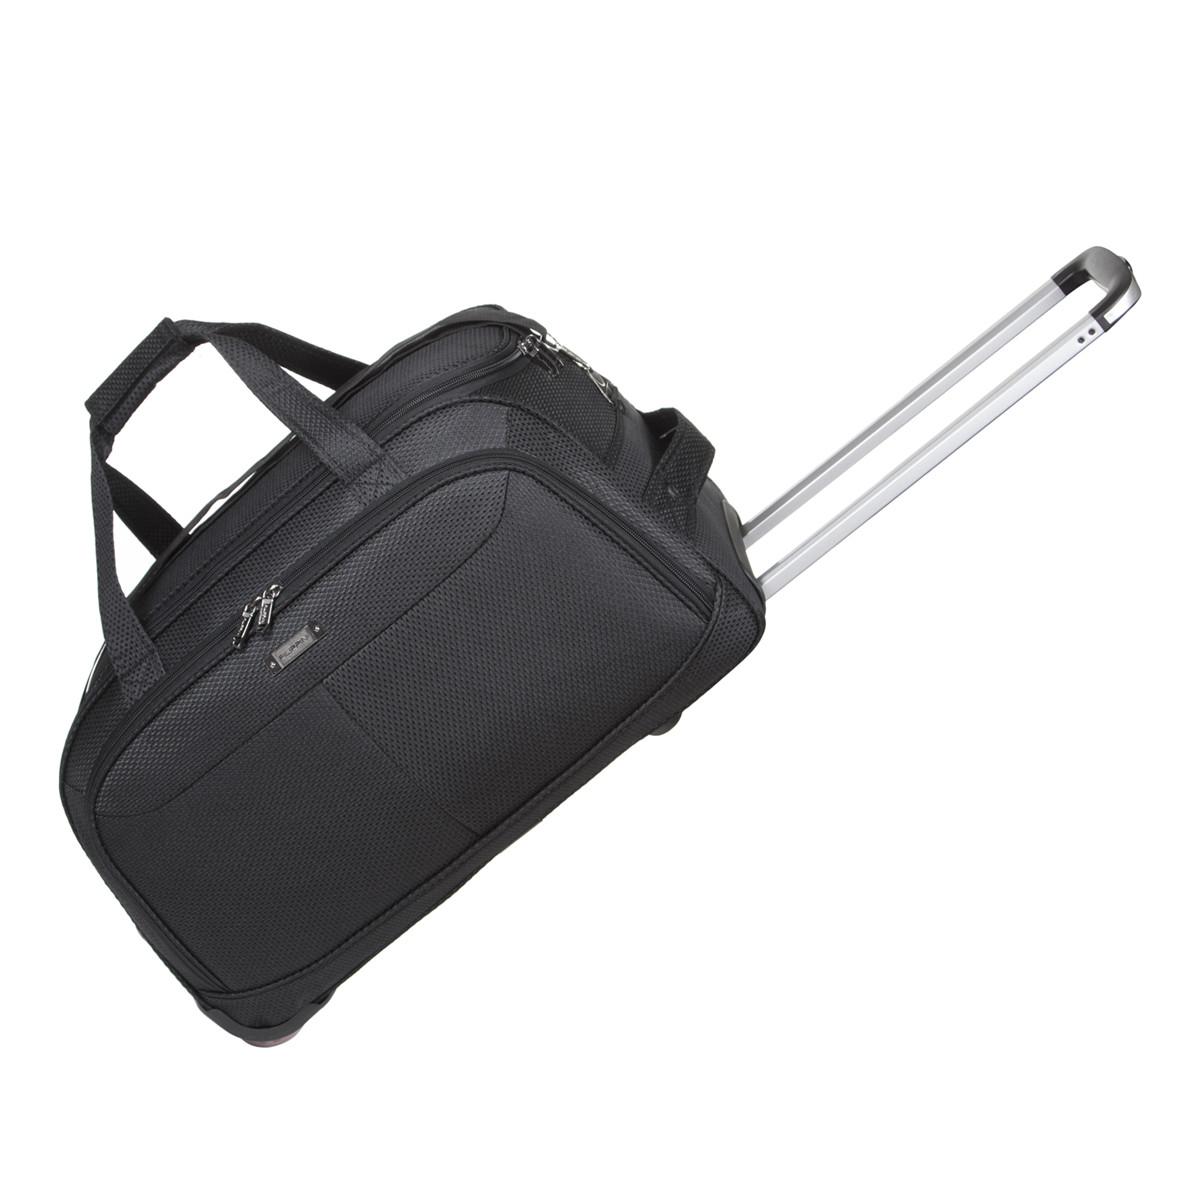 Дорожная сумка FILIPPINI  малая, три колеса, выдвижная ручка 57х30х35 чёрный цвет ксТ0045чм